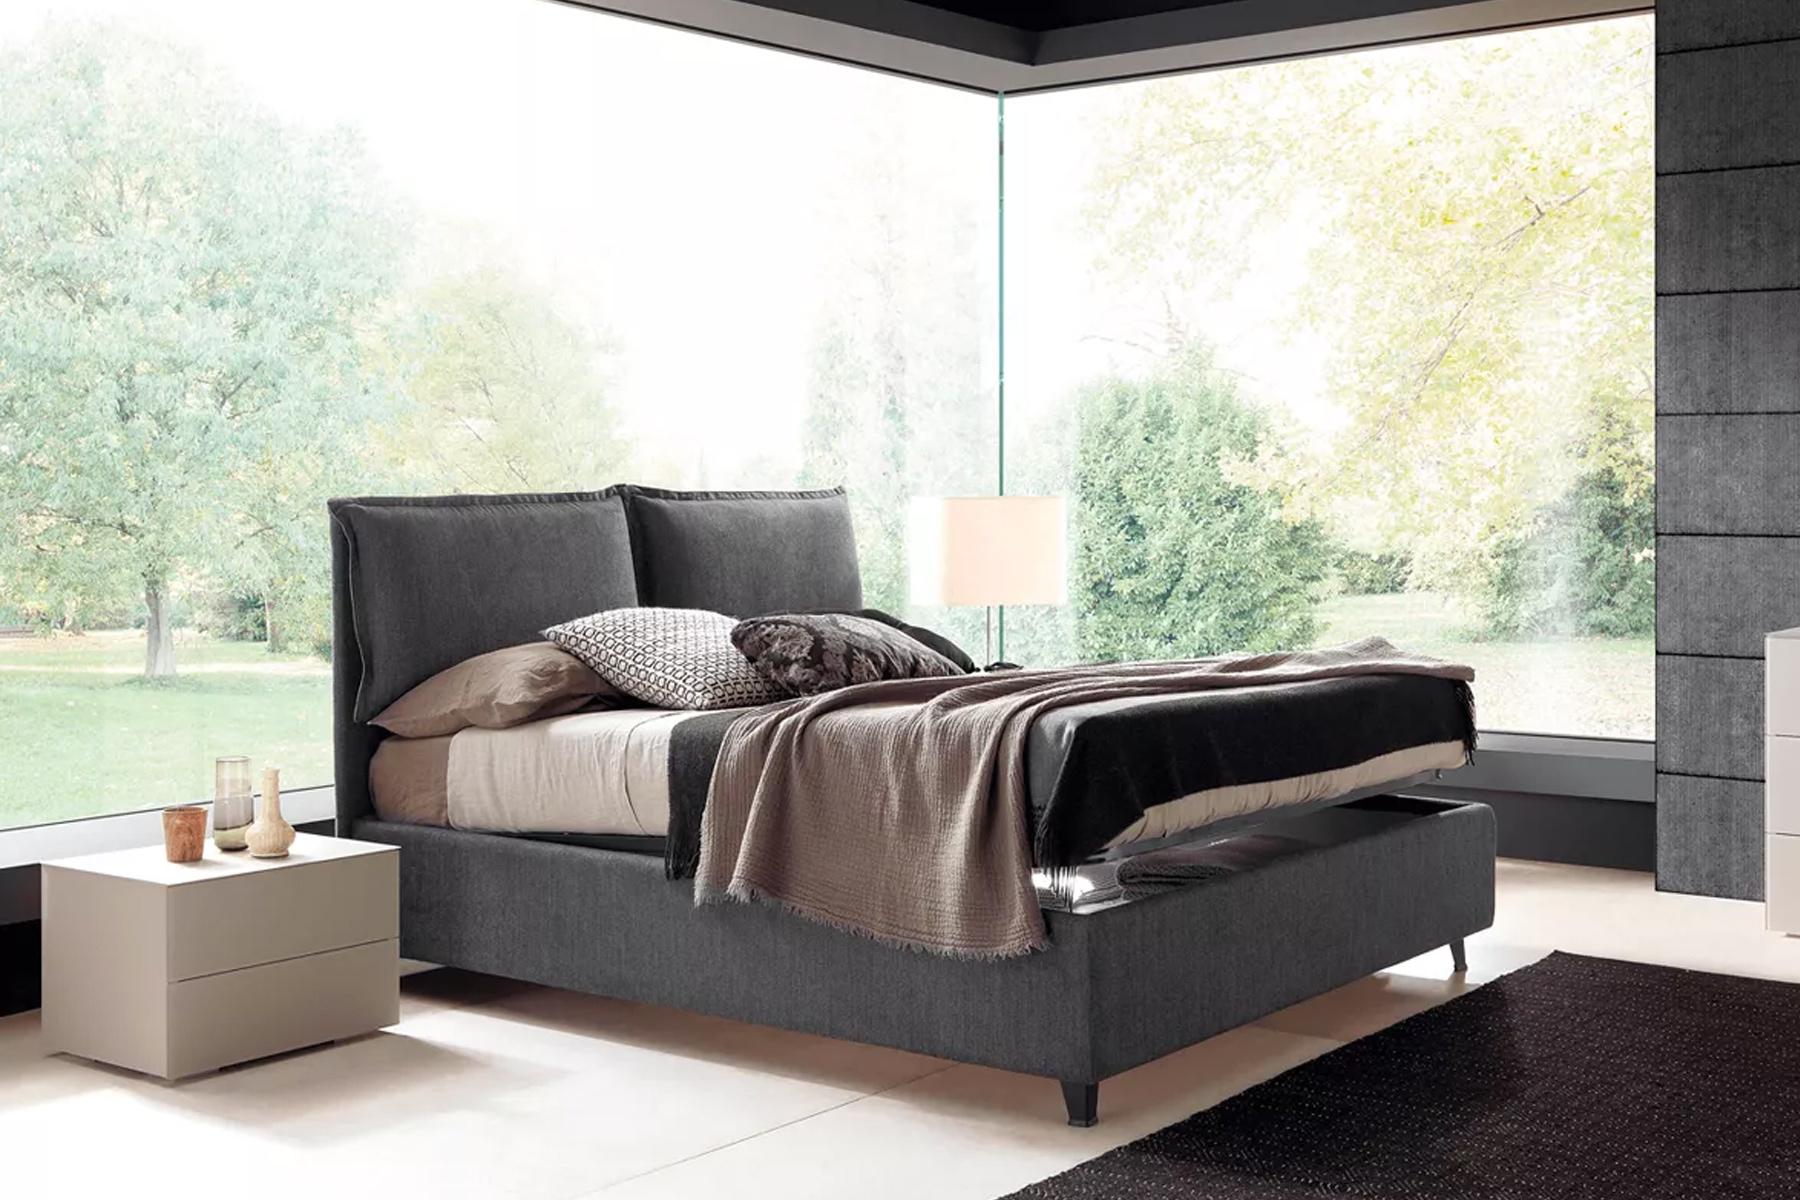 Idee Camere Da Letto Salvaspazio alcune idee per disporre l'arredamento della camera da letto